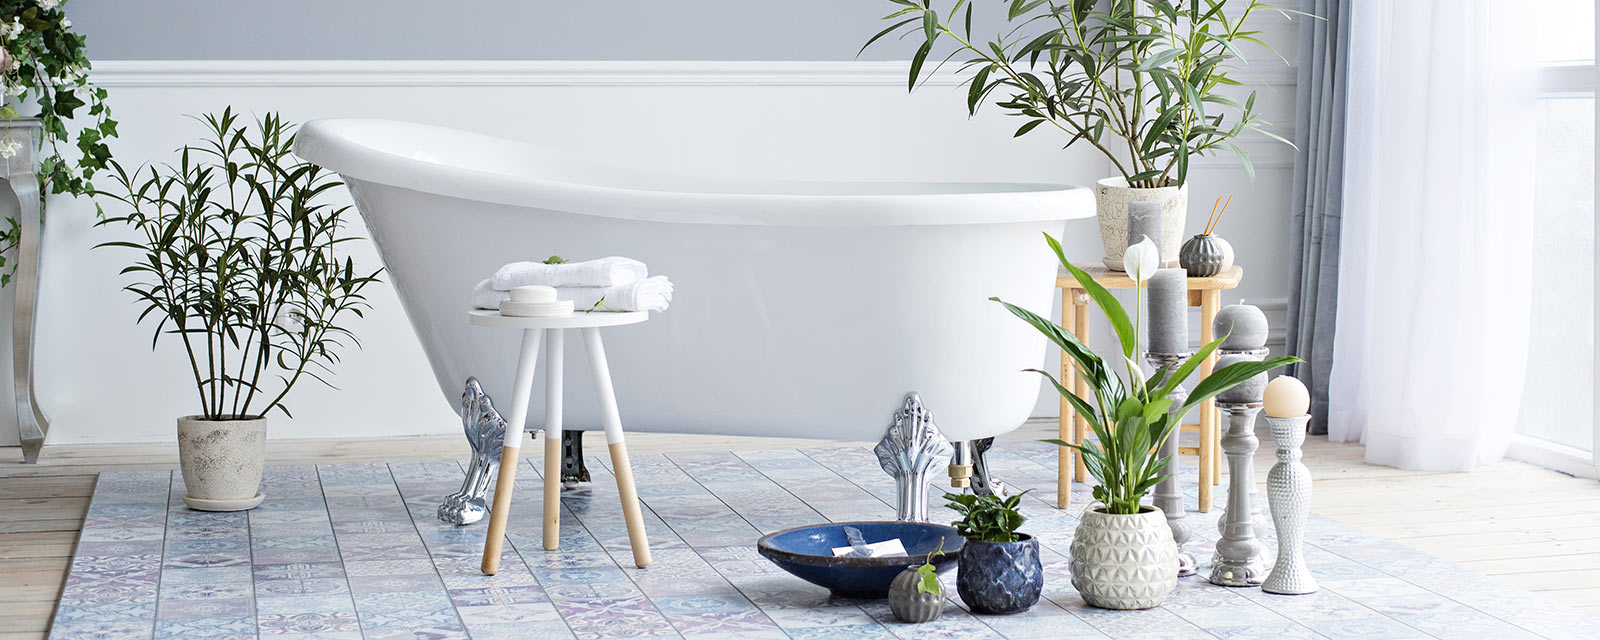 Quel carrelage choisir pour une salle de bains plus zen ? | Guide ...